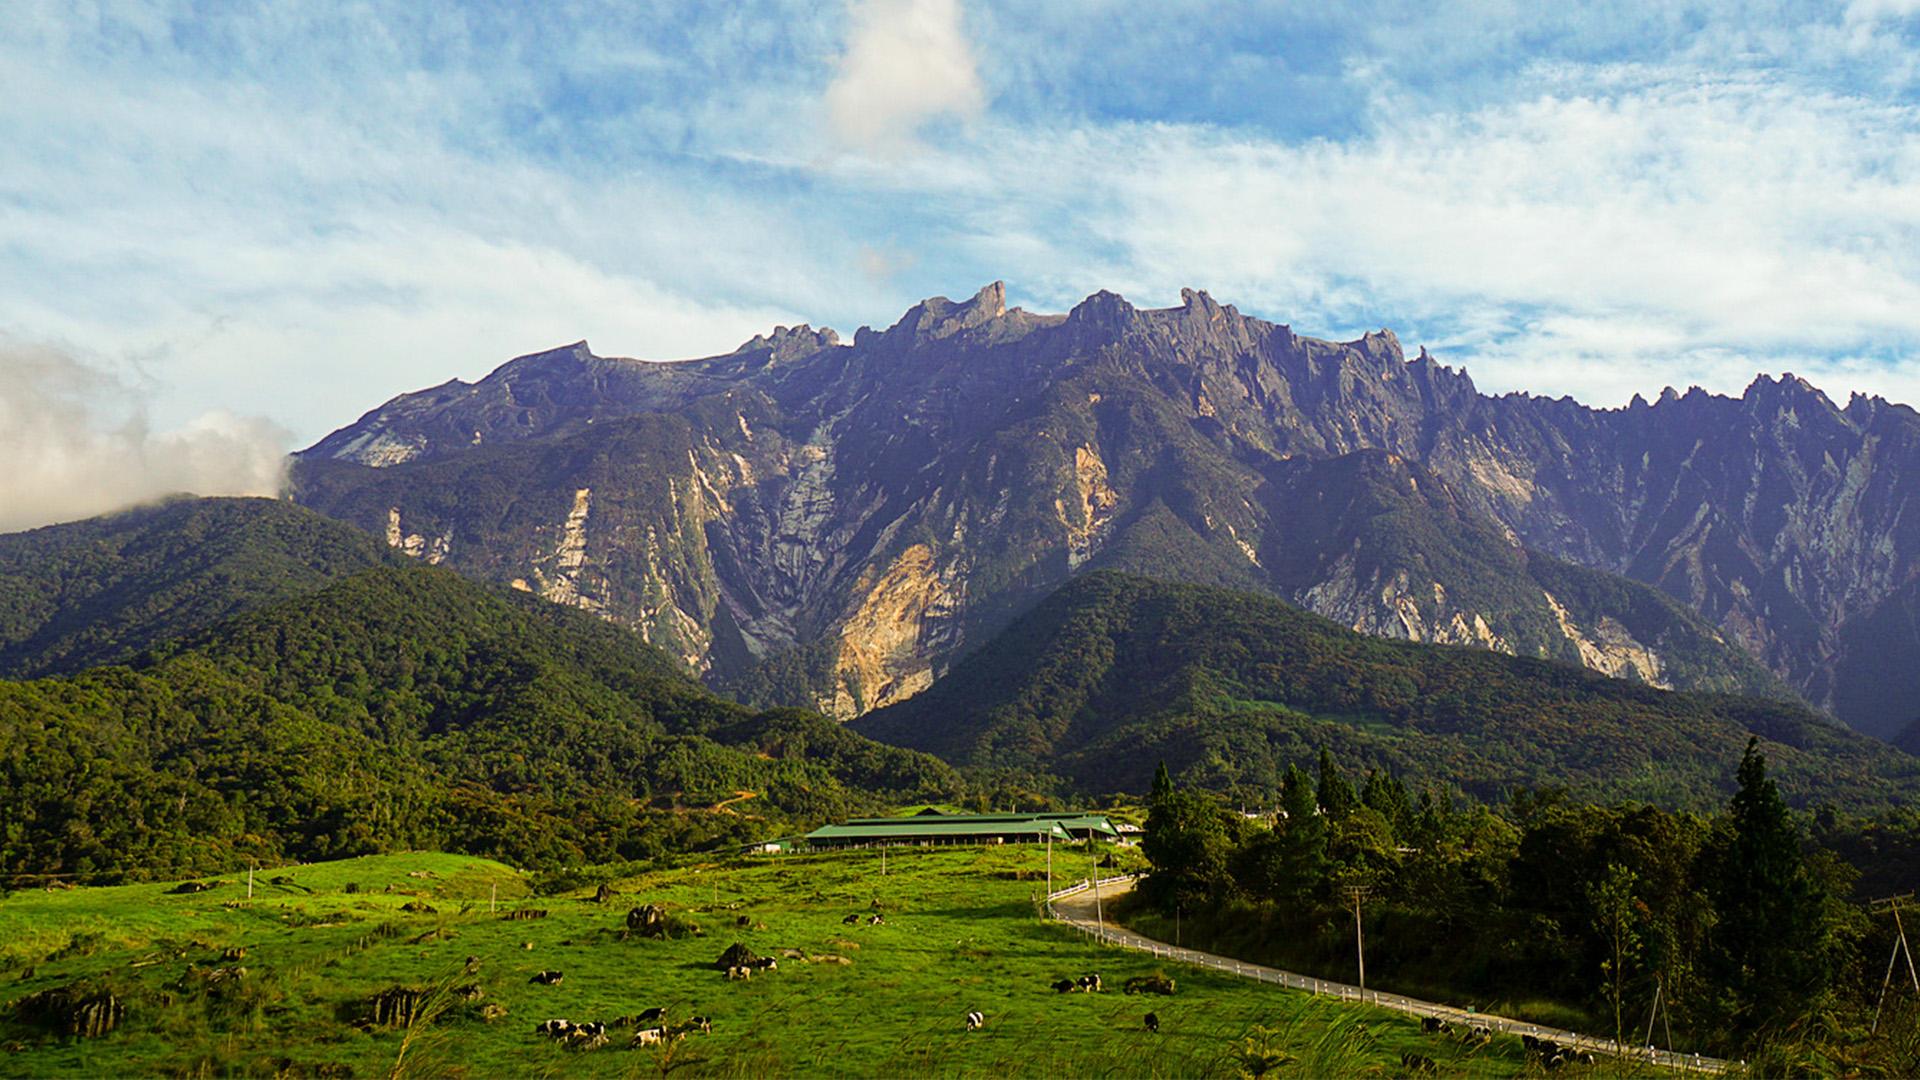 Day Tour From Kota Kinabalu Mt Kinabalu Poring Hot